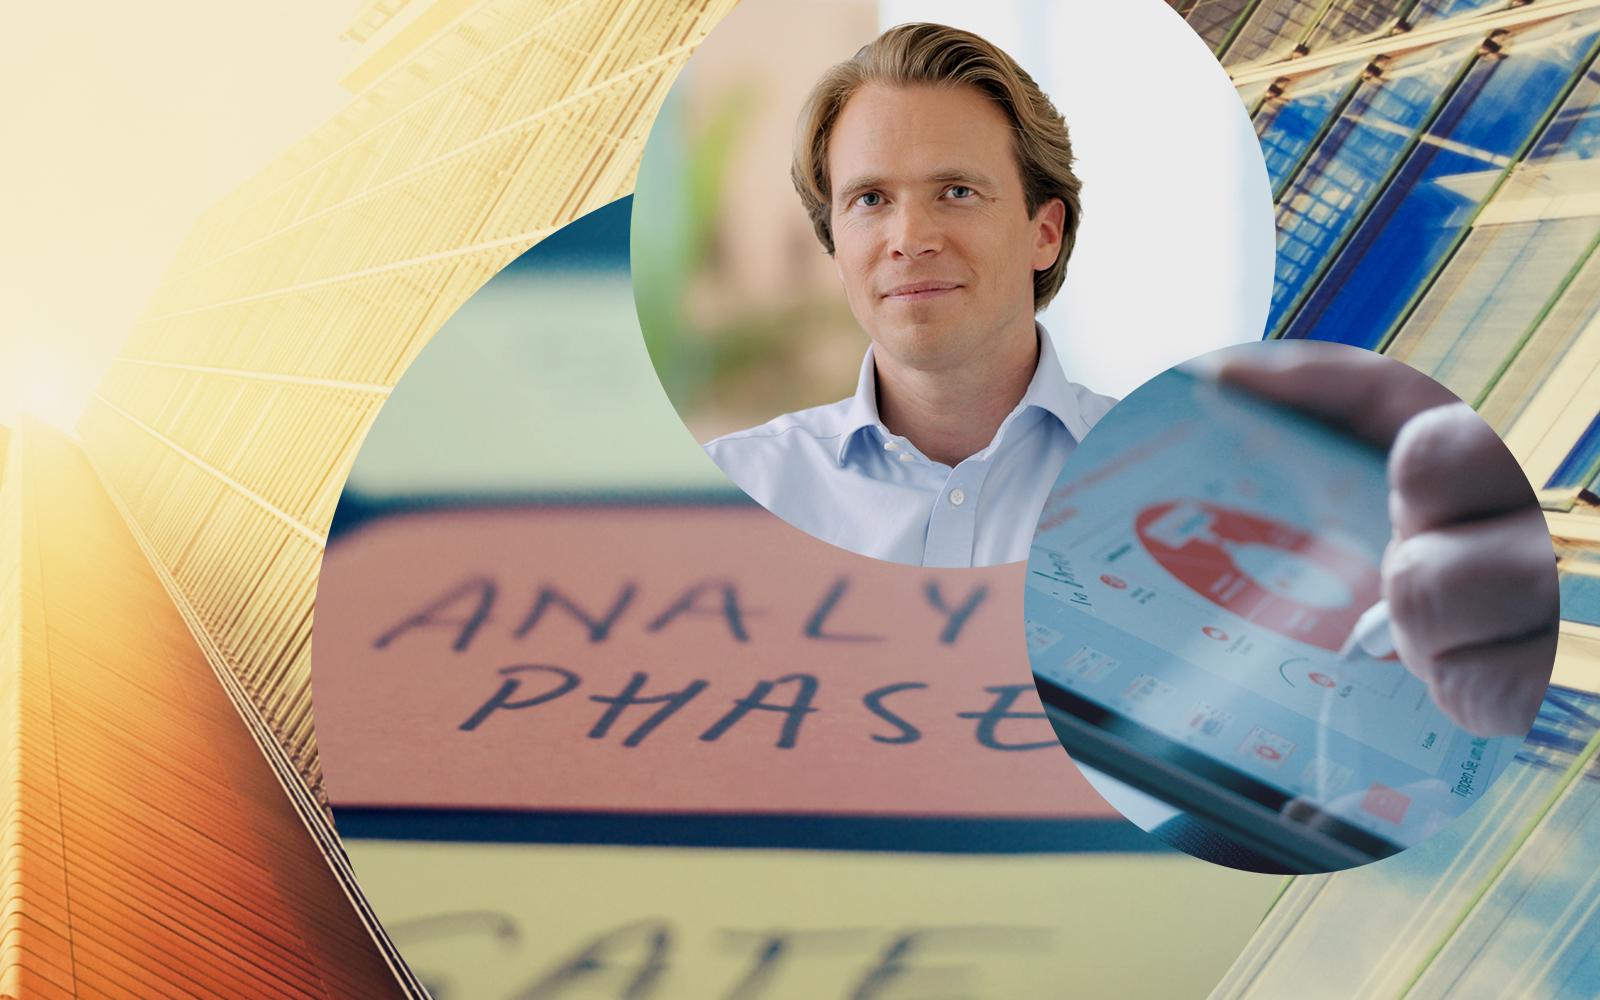 Bild von Holger von Daniels, CEO von valantic, im Hintergrund die Fassade eines Gebäudes, ein Tablet sowie Post-Its mit der Aufschrift Analysephase